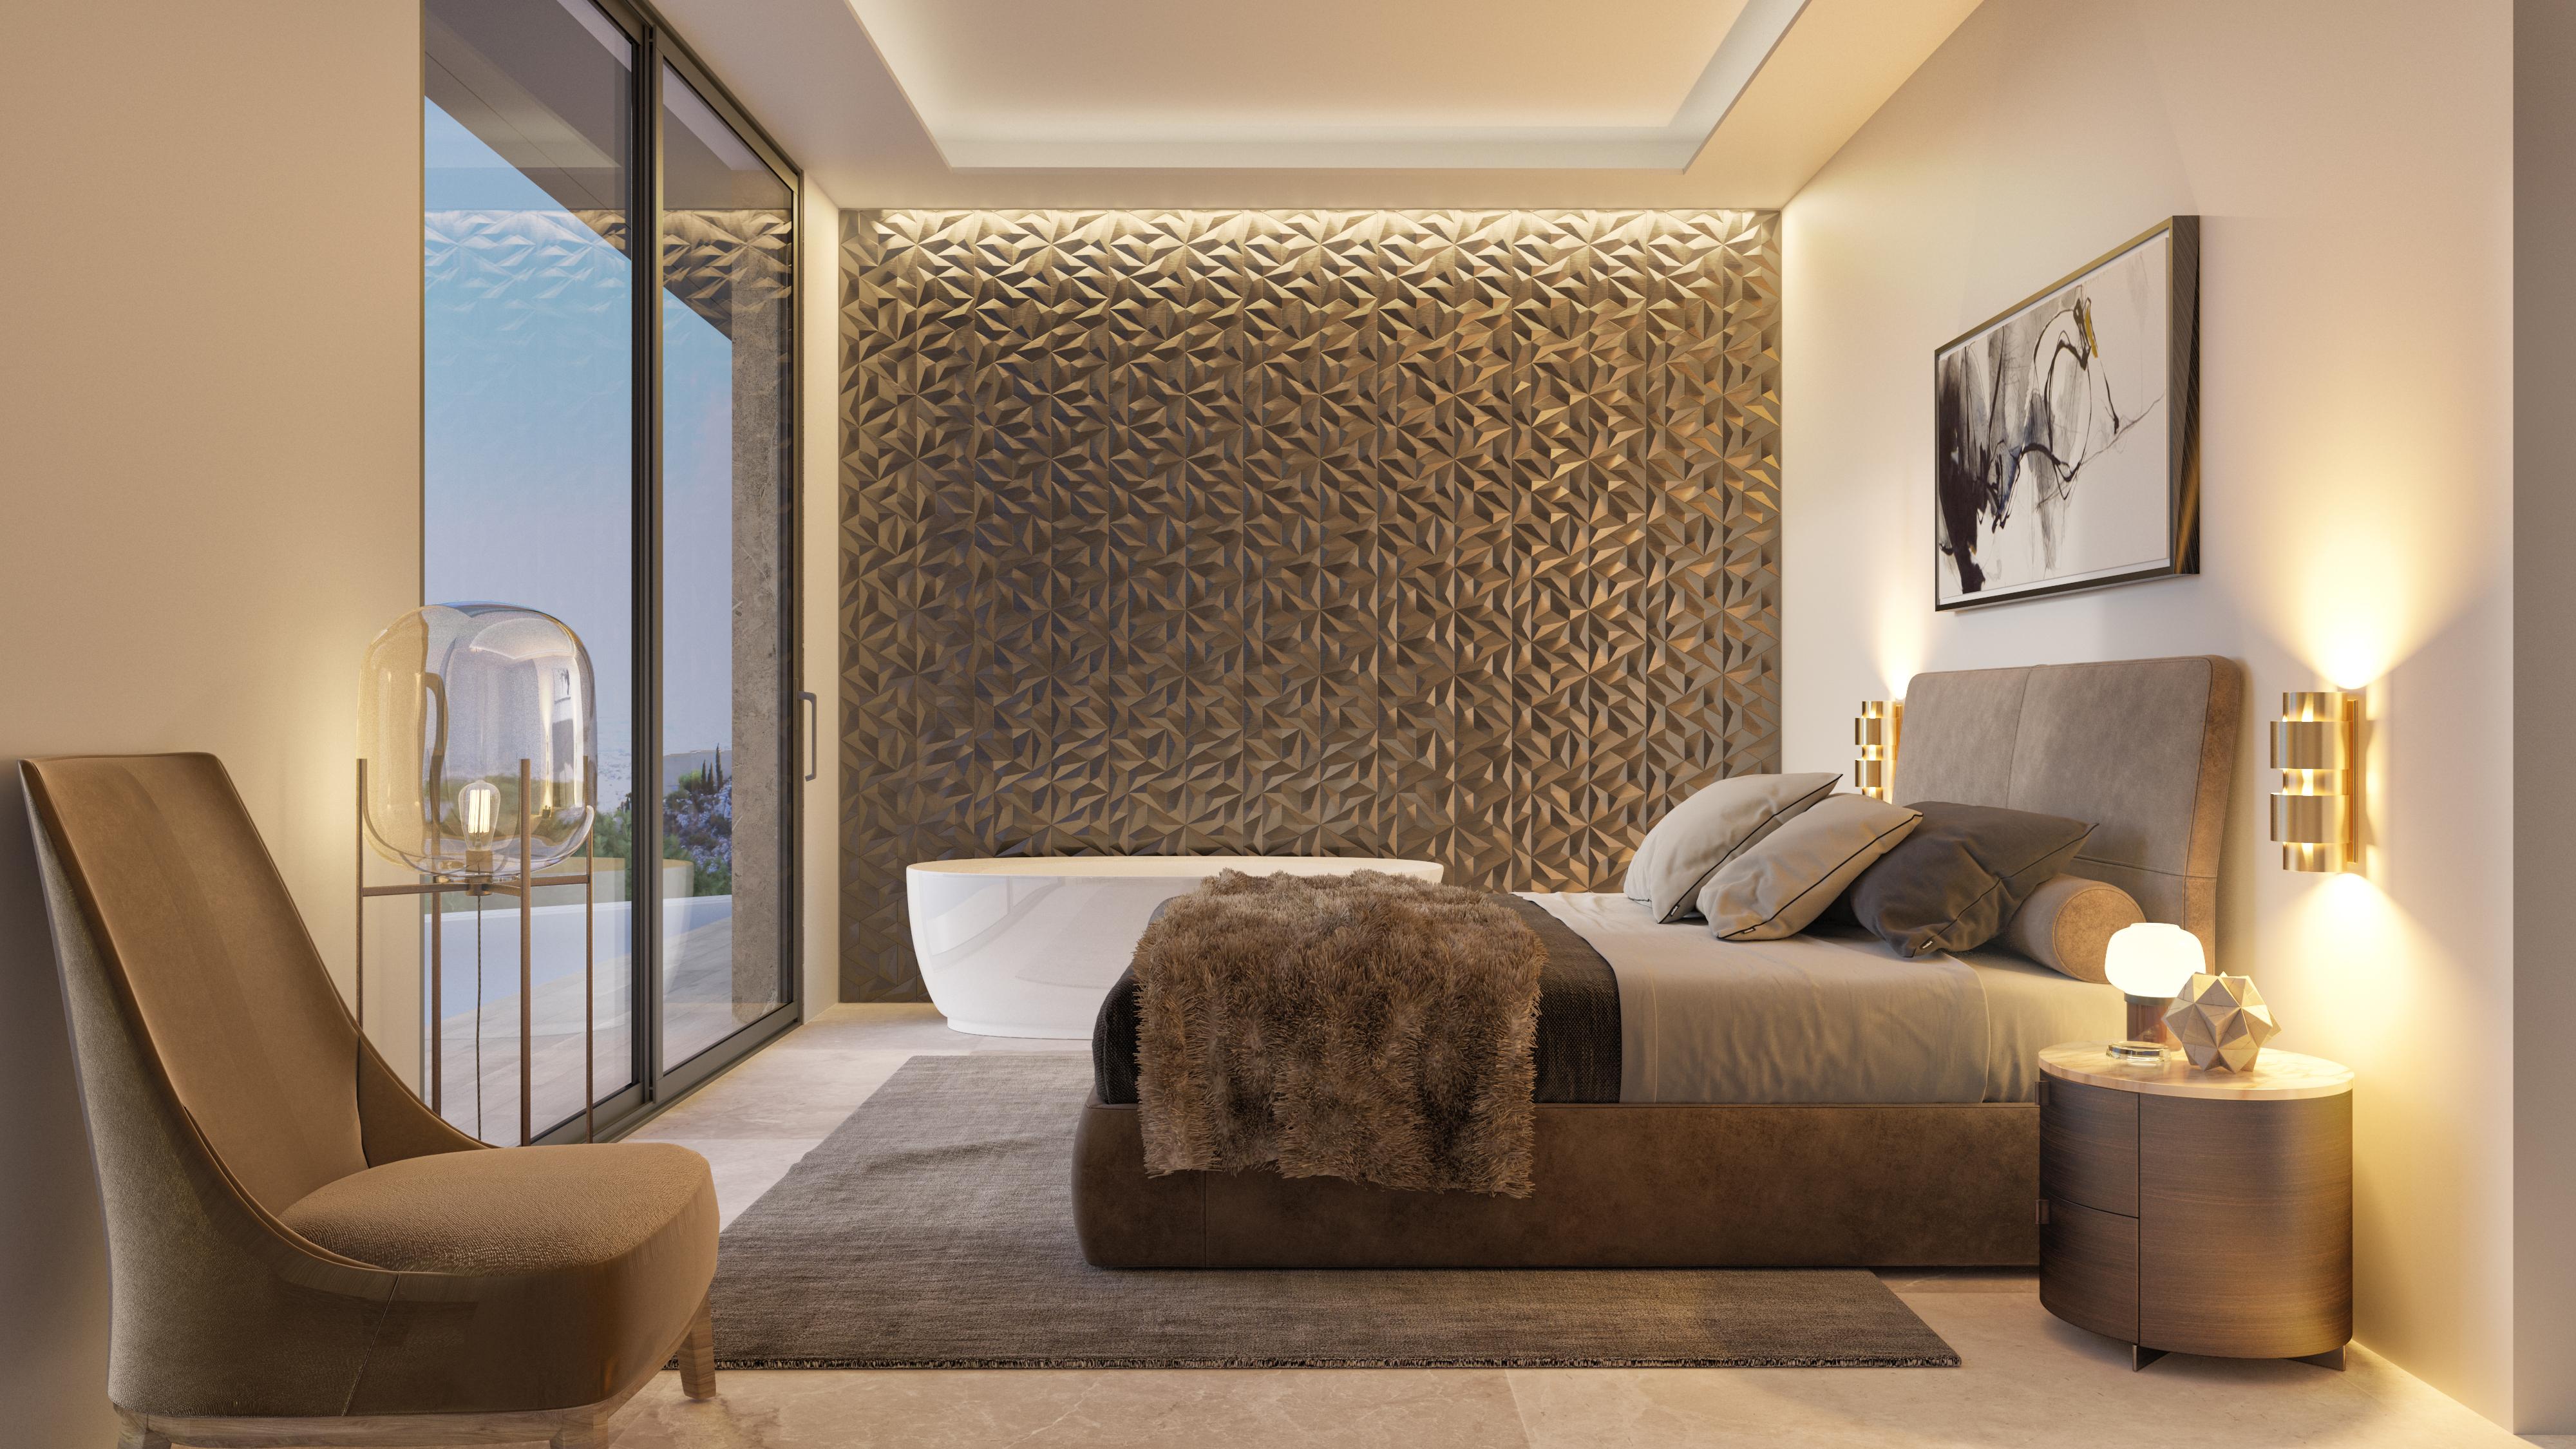 DVS_Ador2_Bedroom_F0100.jpg